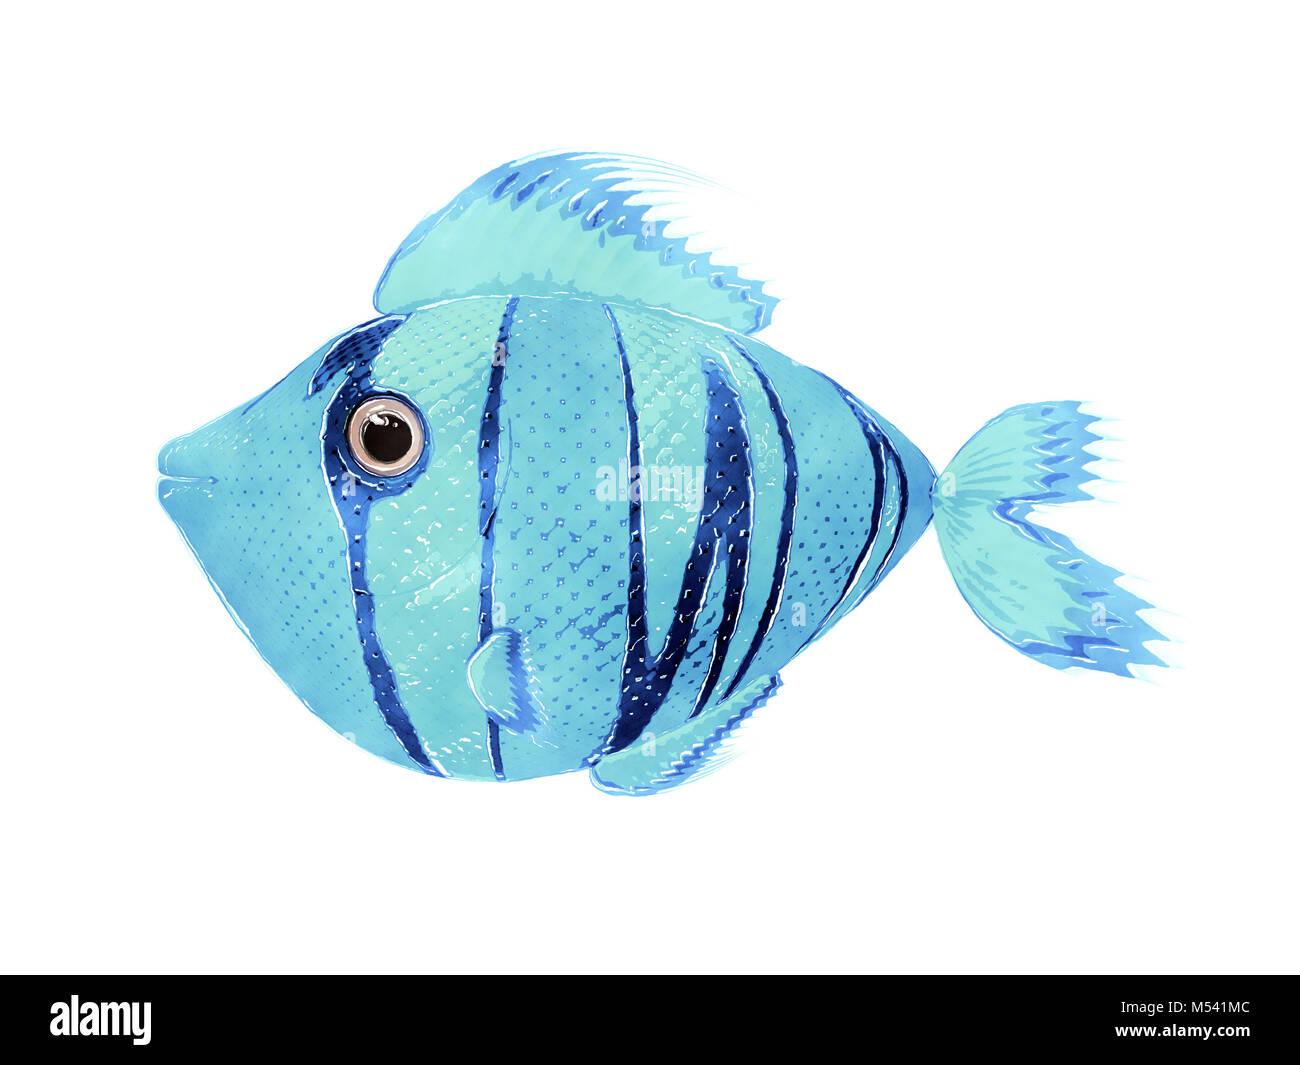 Ziemlich Druckbare Fisch Malvorlagen Galerie - Druckbare Malvorlagen ...